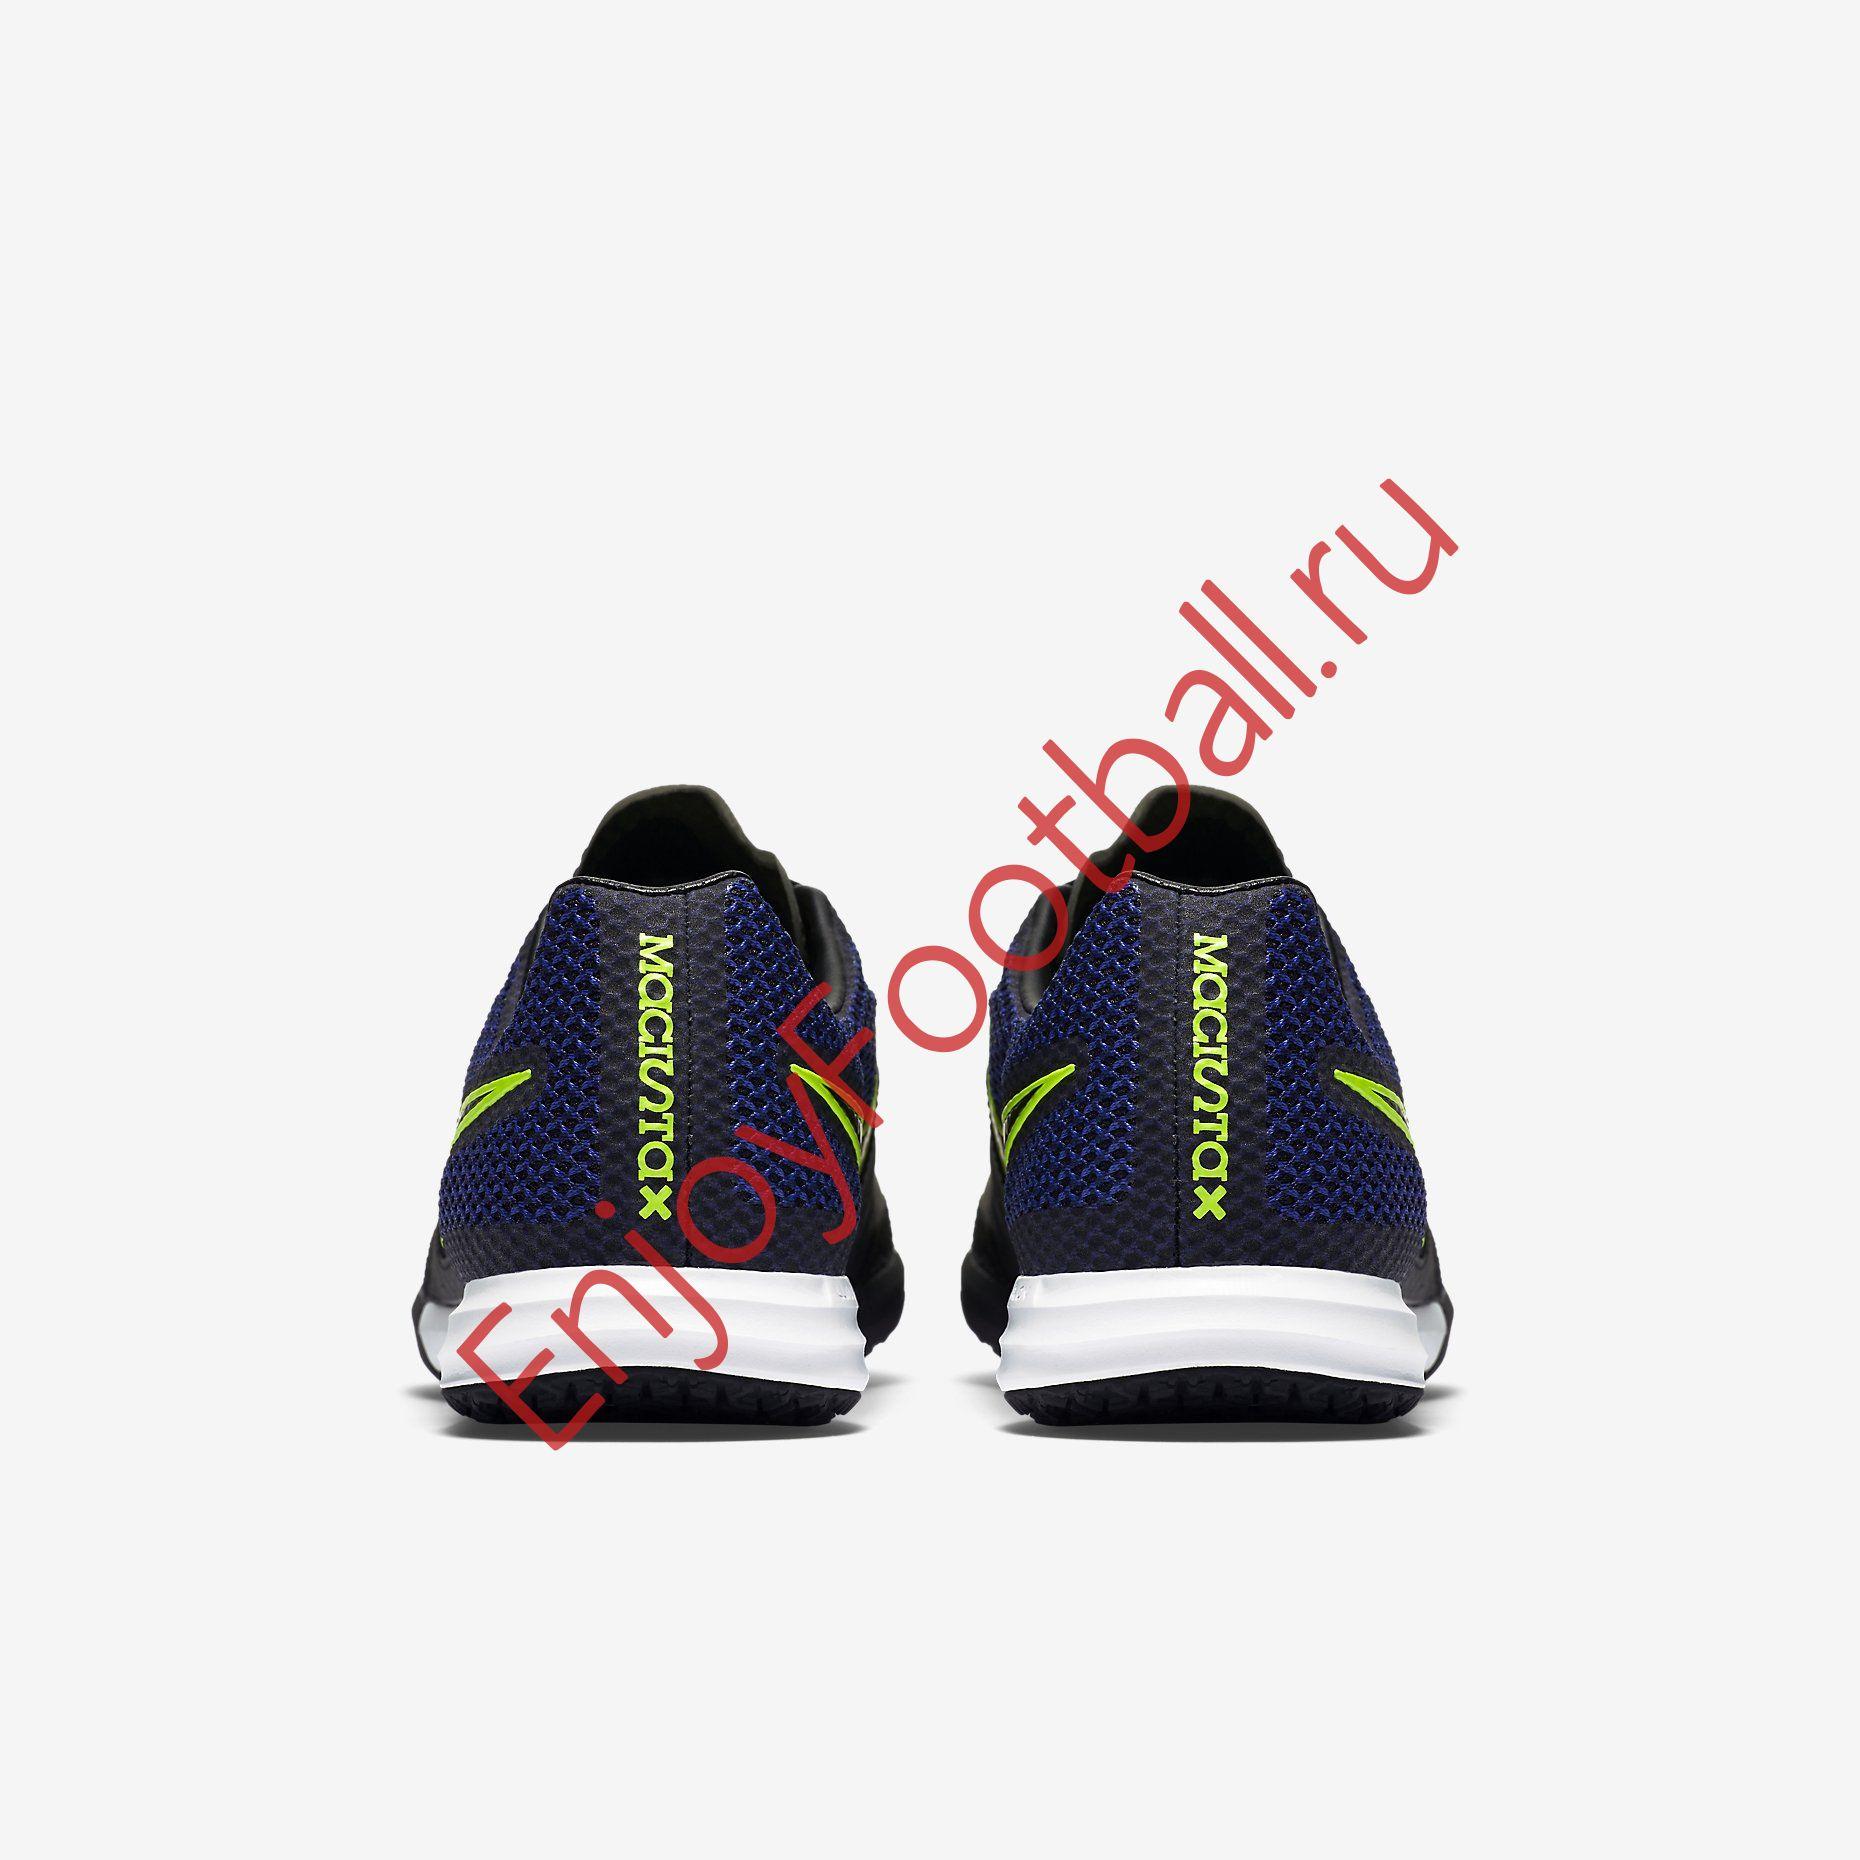 e382f0d8 Игровая обувь для зала NIKE MAGISTAX FINALE IC 807568-008 купить в  интернет-магазине EnjoyFootball.ru в Москве